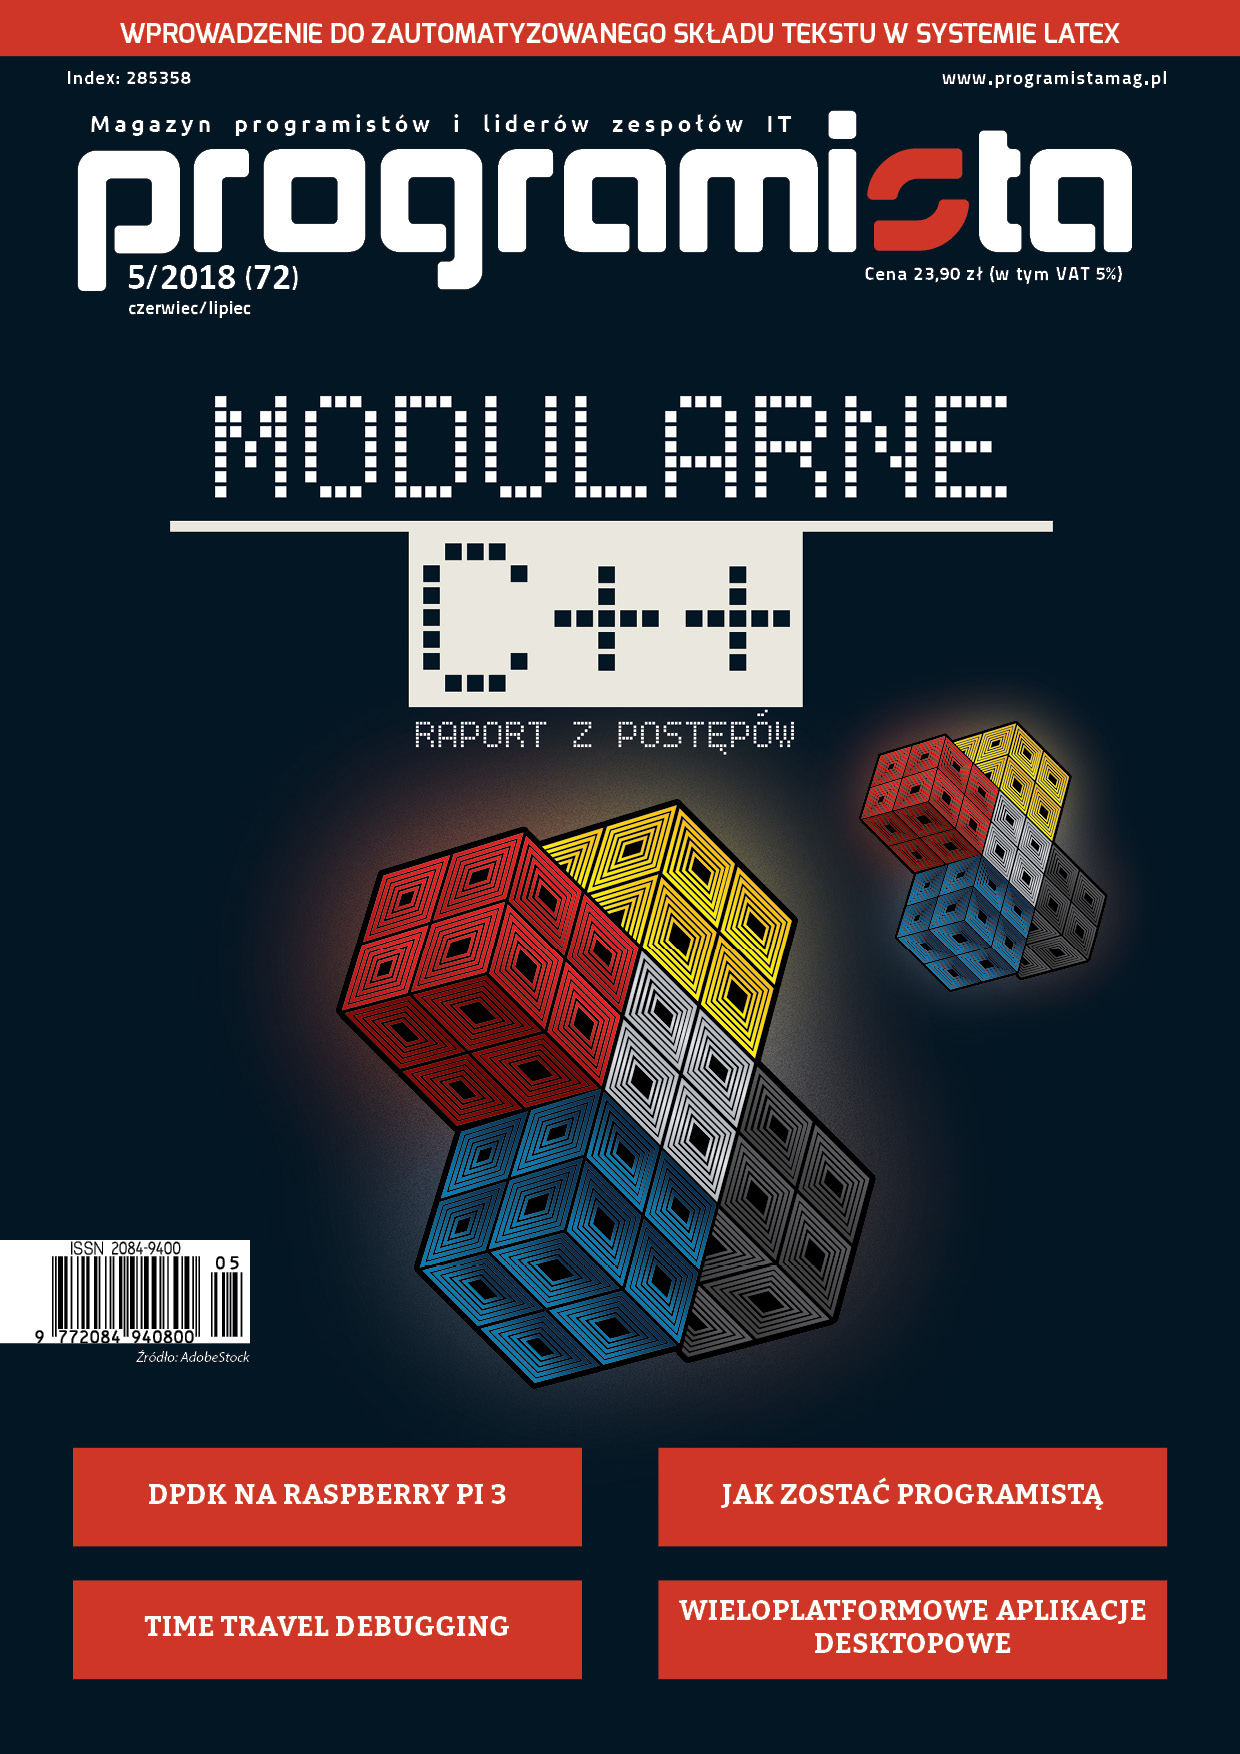 Magazyn Programista | Programista 5/2018 (72) – czerwiec